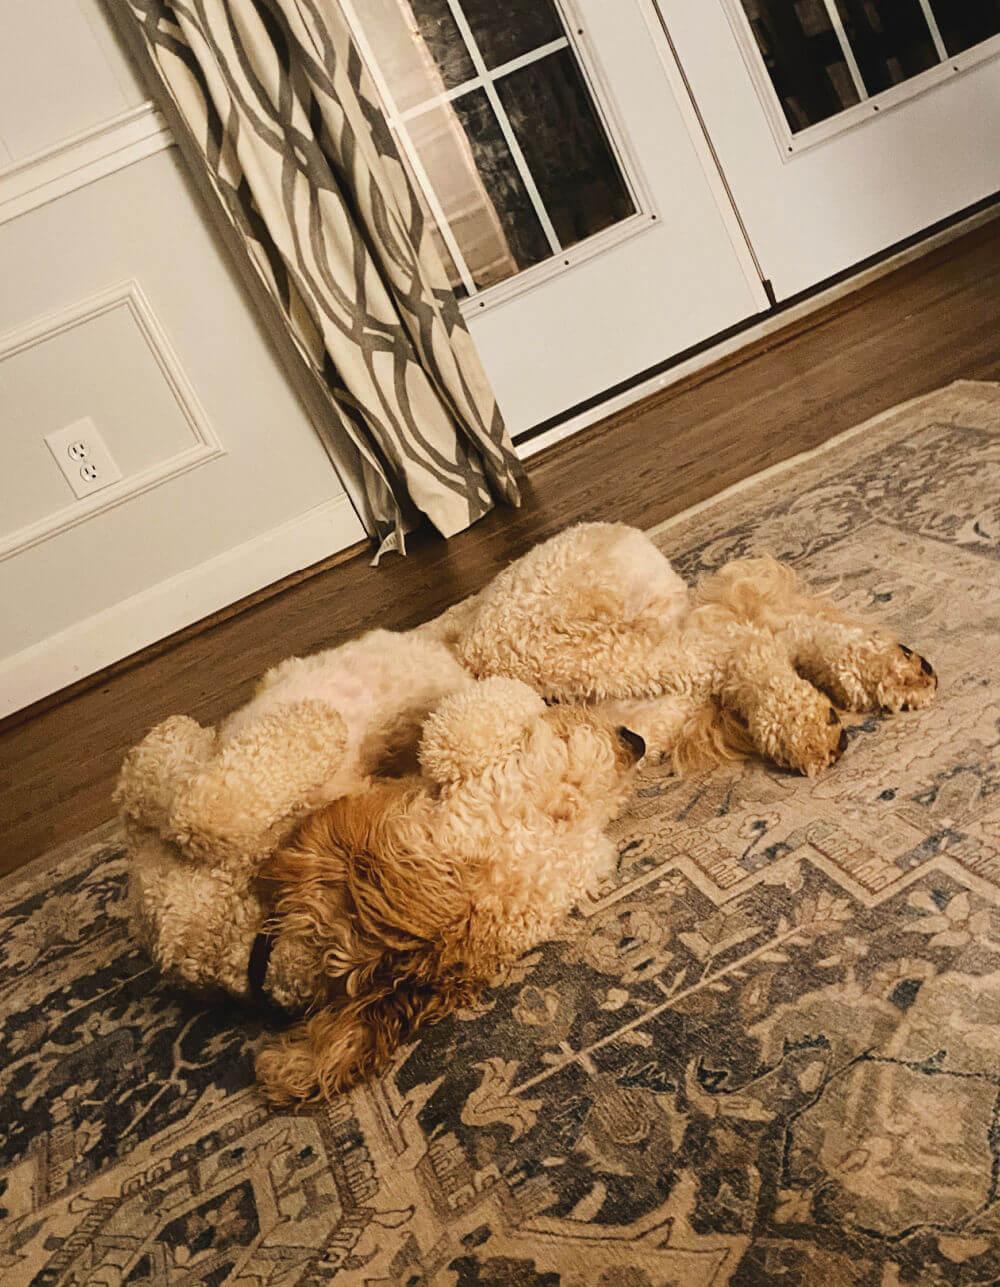 goldendoodle sleeping